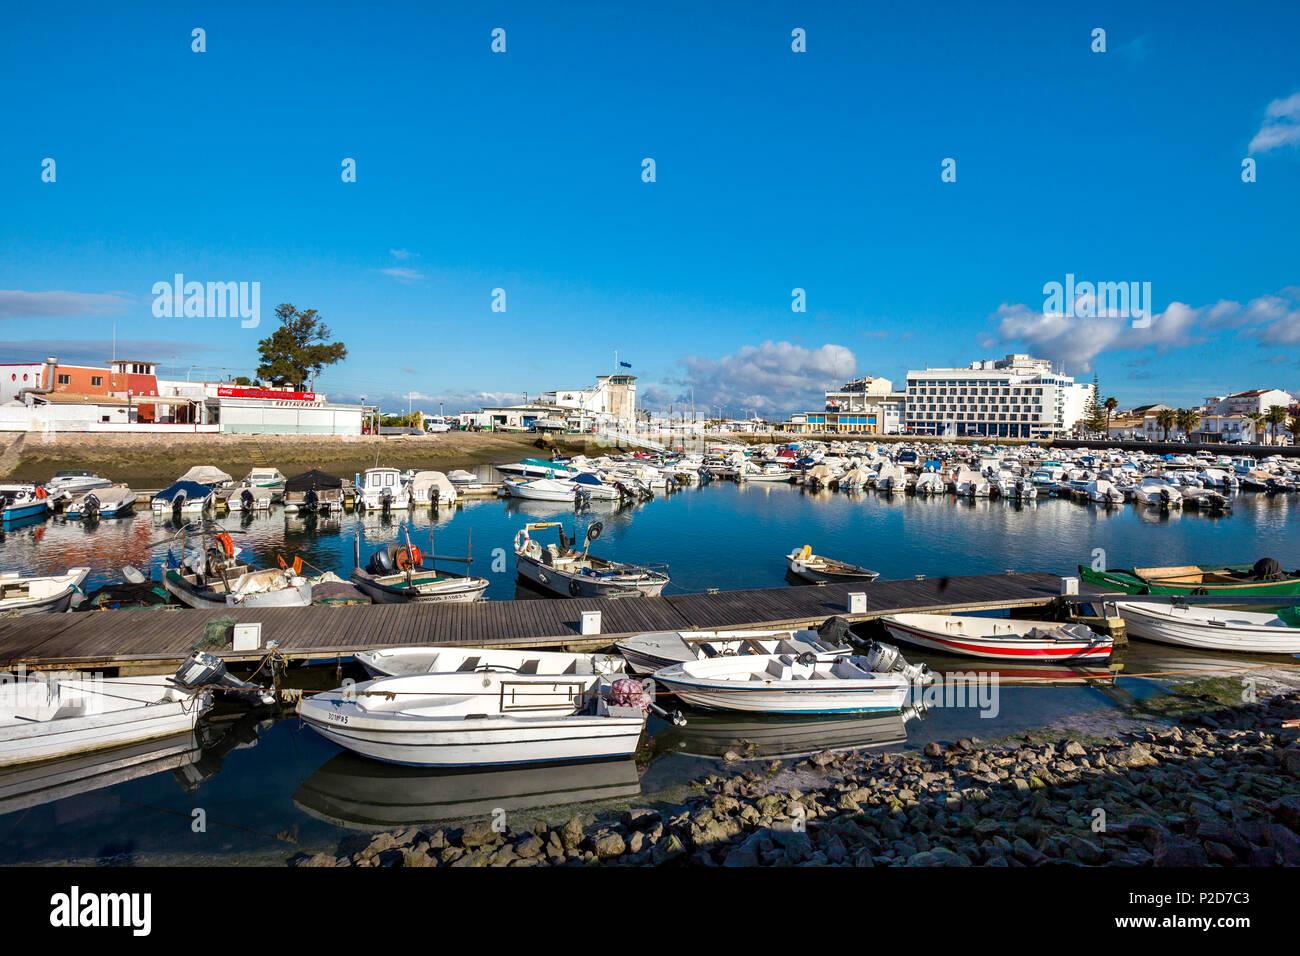 Boats in the Harbour, Faro, Algarve, Portugal - Stock Image